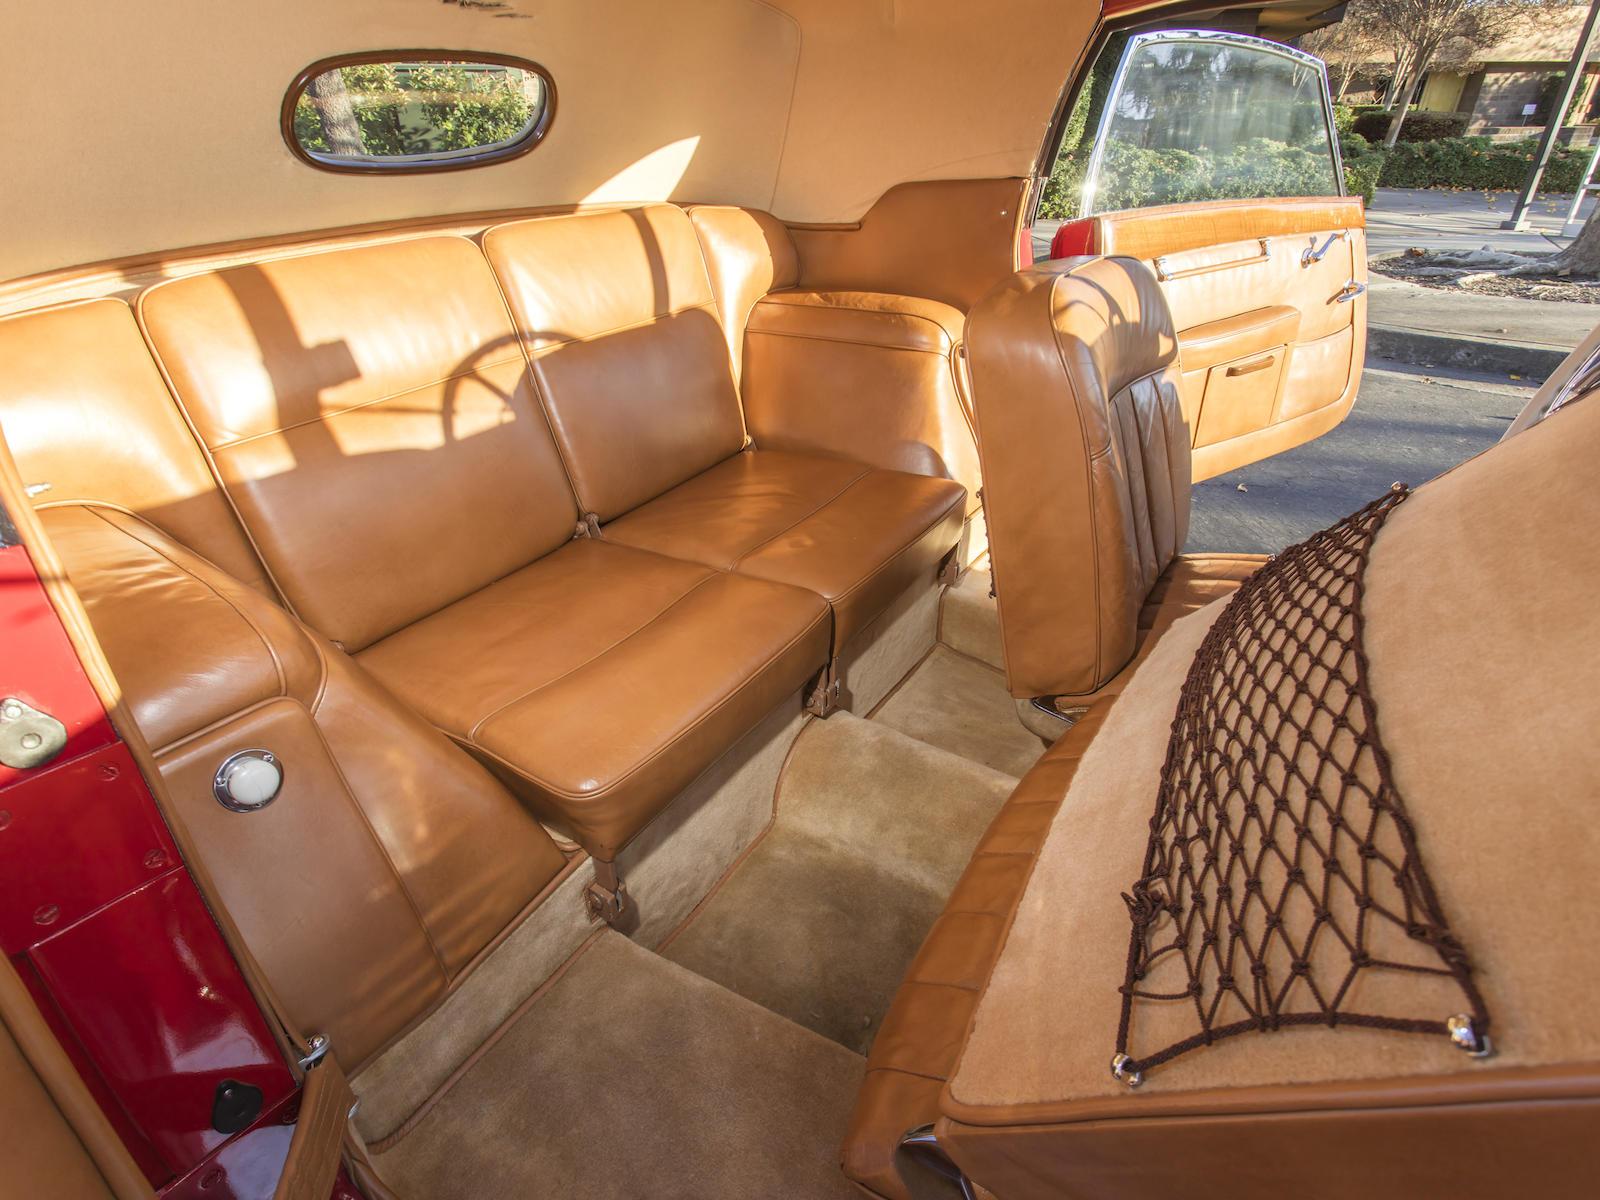 Mercedes-Benz 540K Special Cabriolet interior rear sofa seat